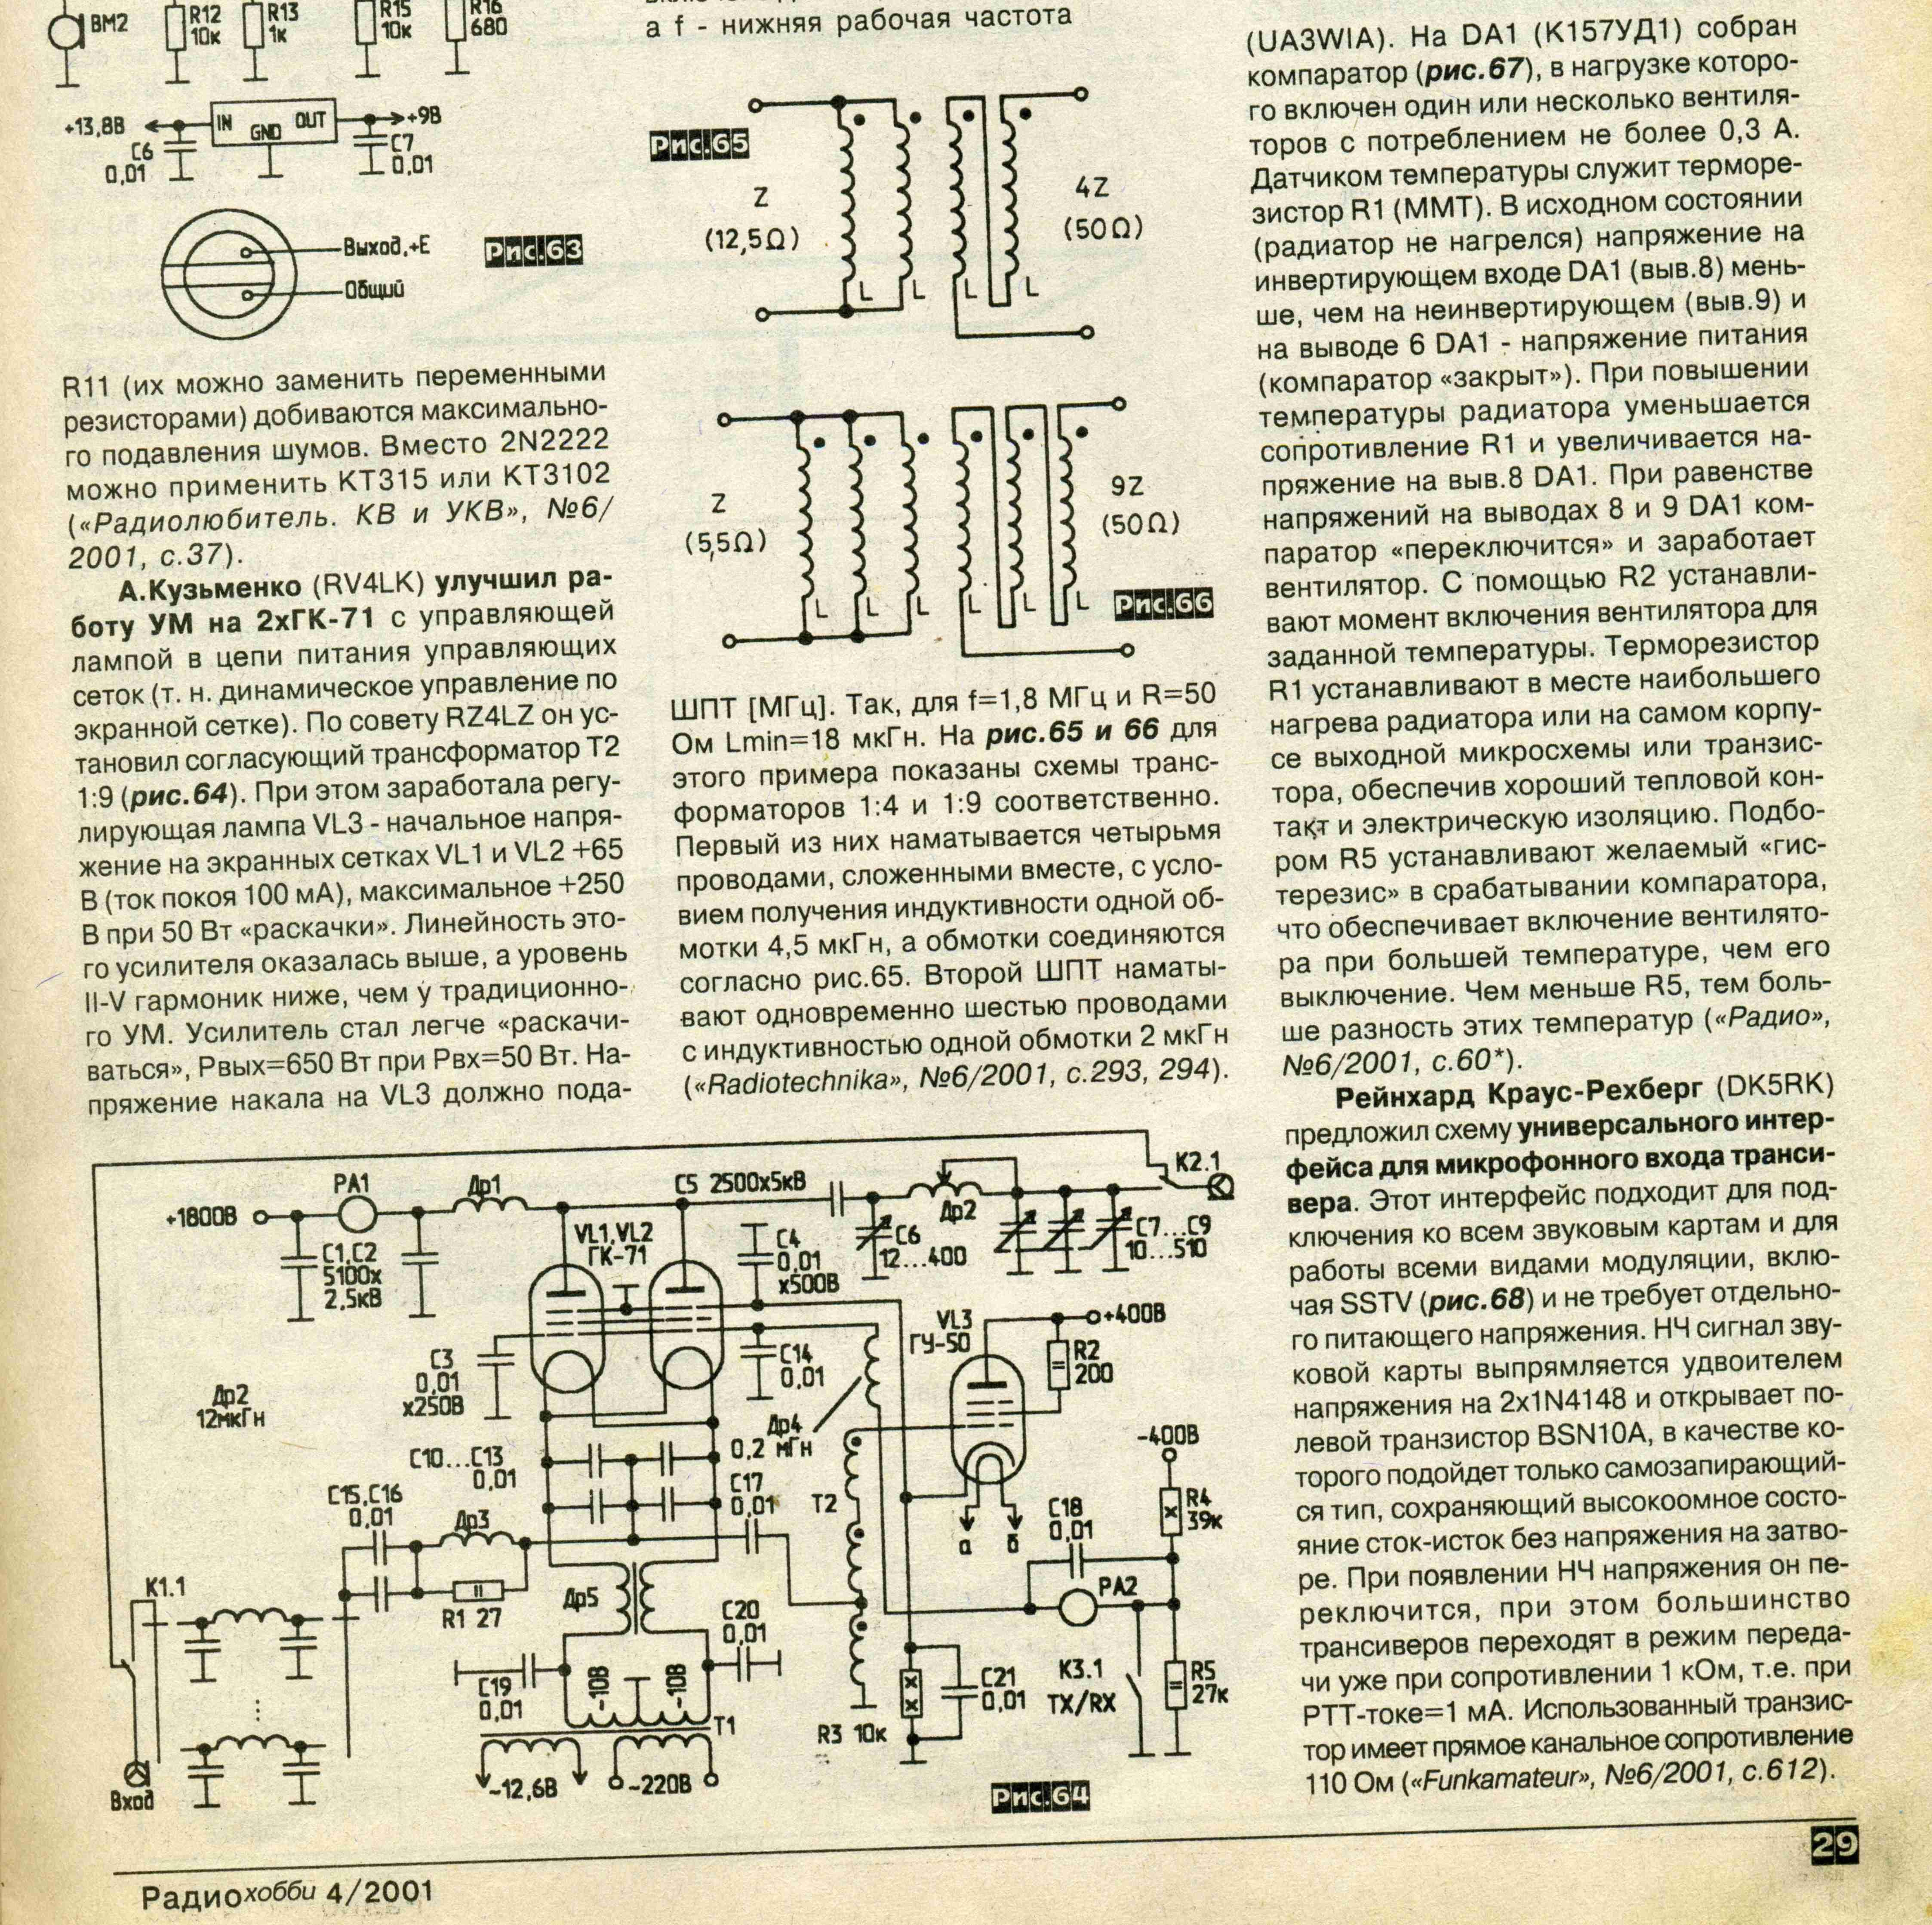 Схема стабилизатора экранной сетки гу 81м